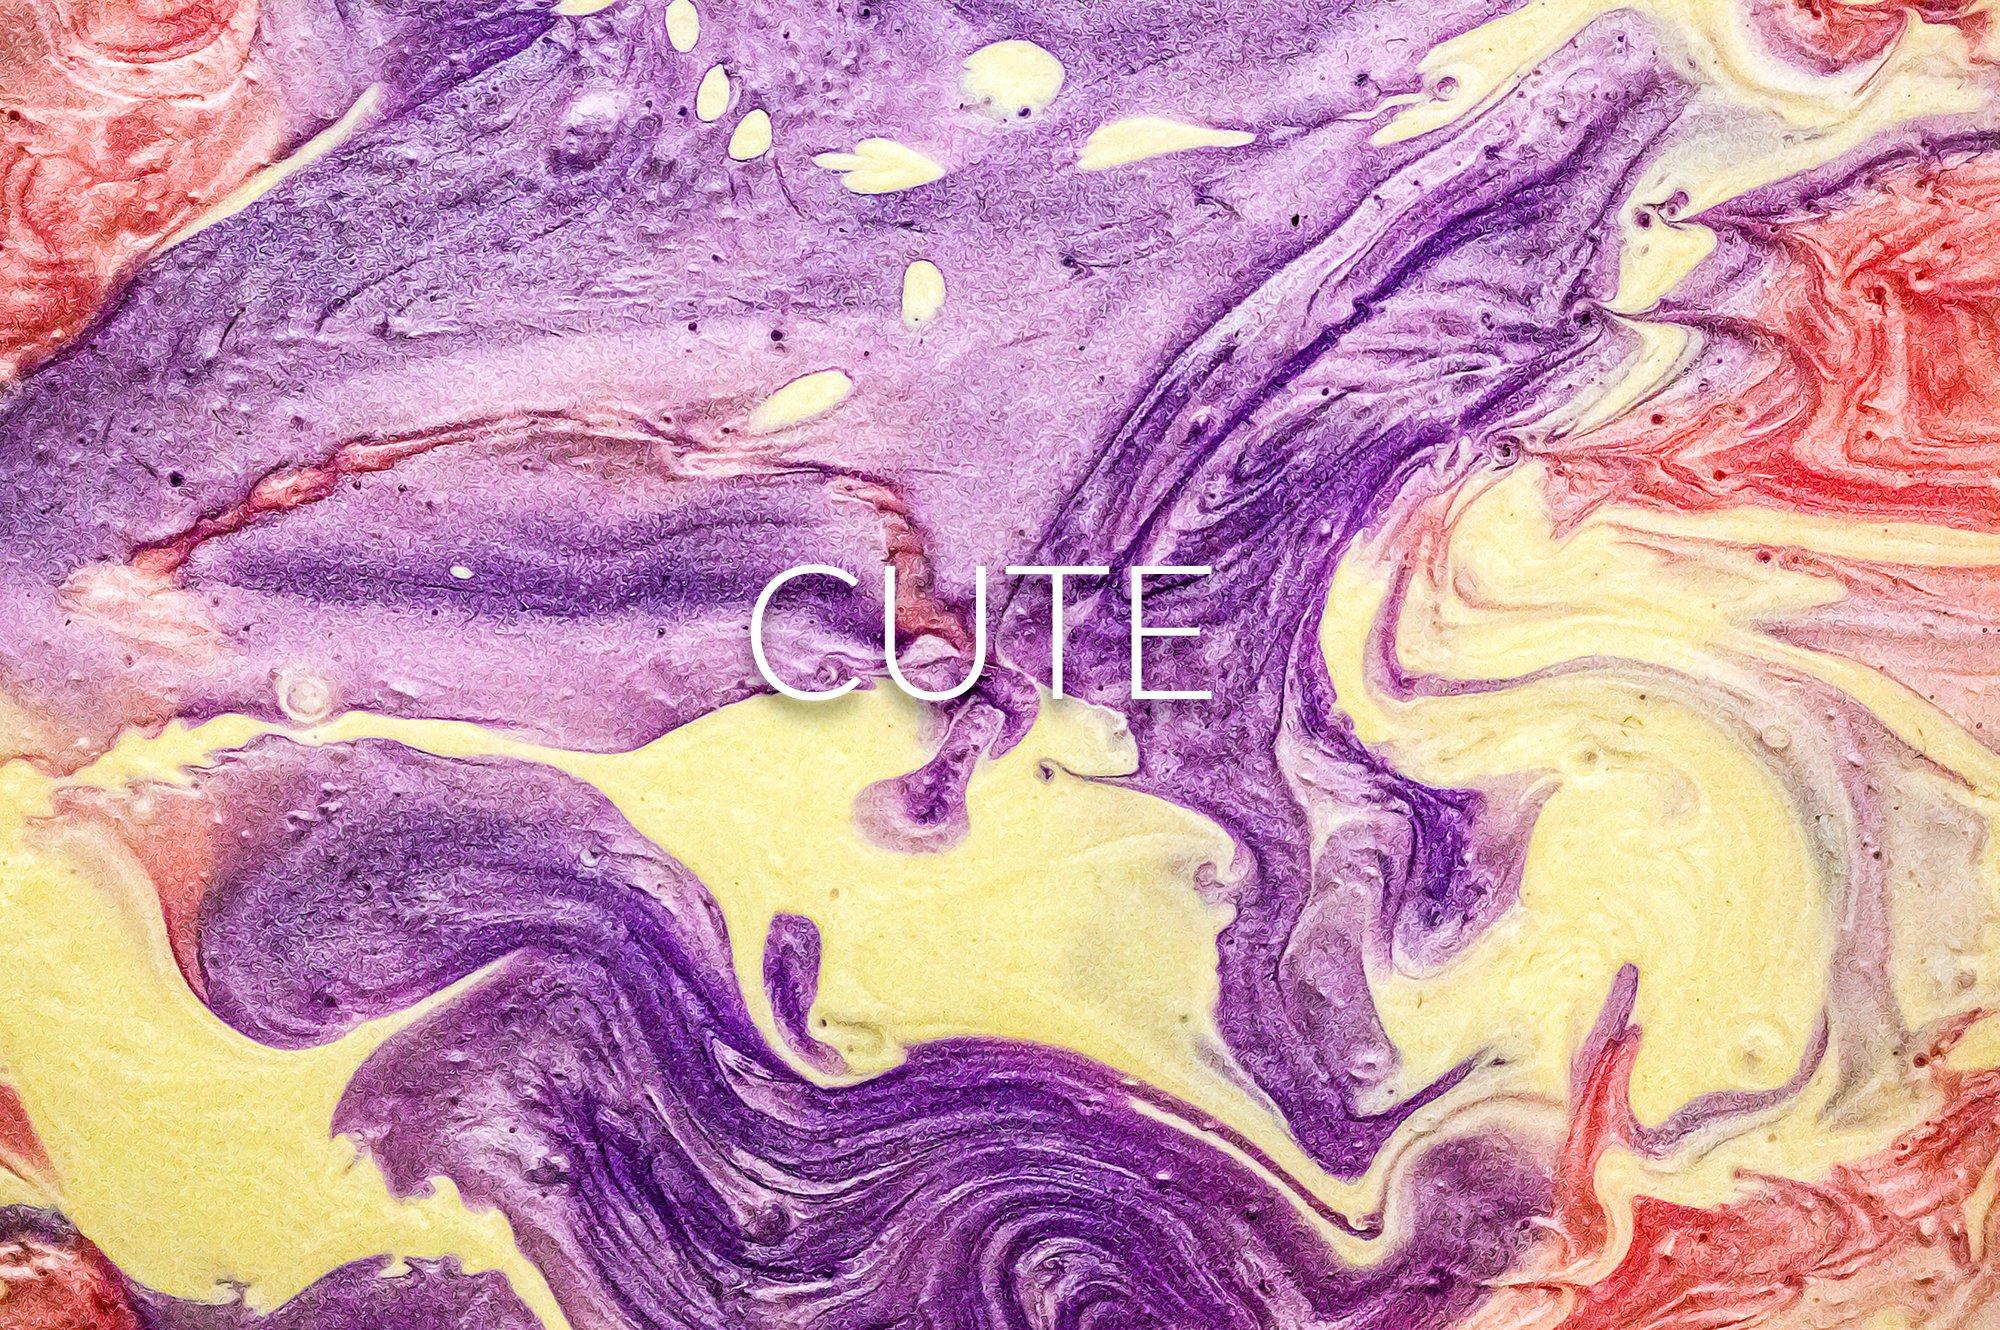 14款高清抽象流体丙烯酸涂料背景纹理图片素材 Liquid Paint – Cute Textures插图